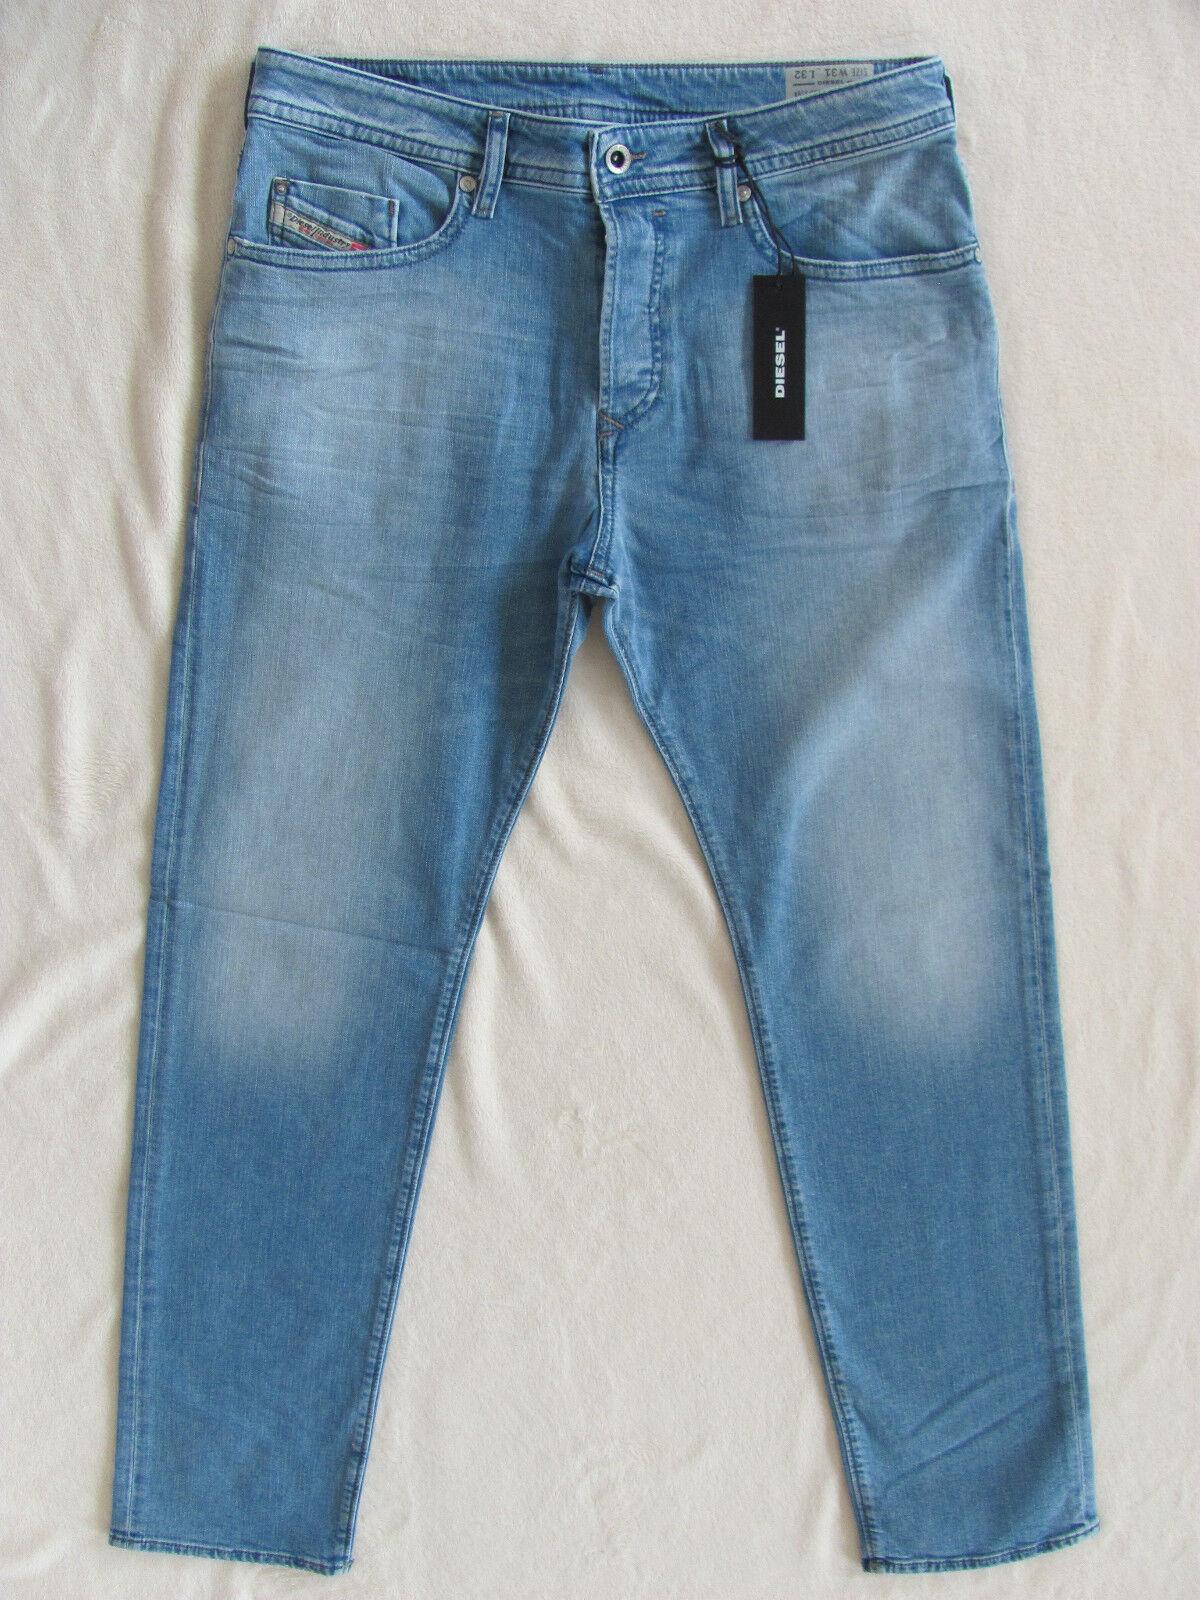 Men's Diesel Buster Jeans Reg Slim Tapered - Wash 0850V - Size 31  L32 -NWT